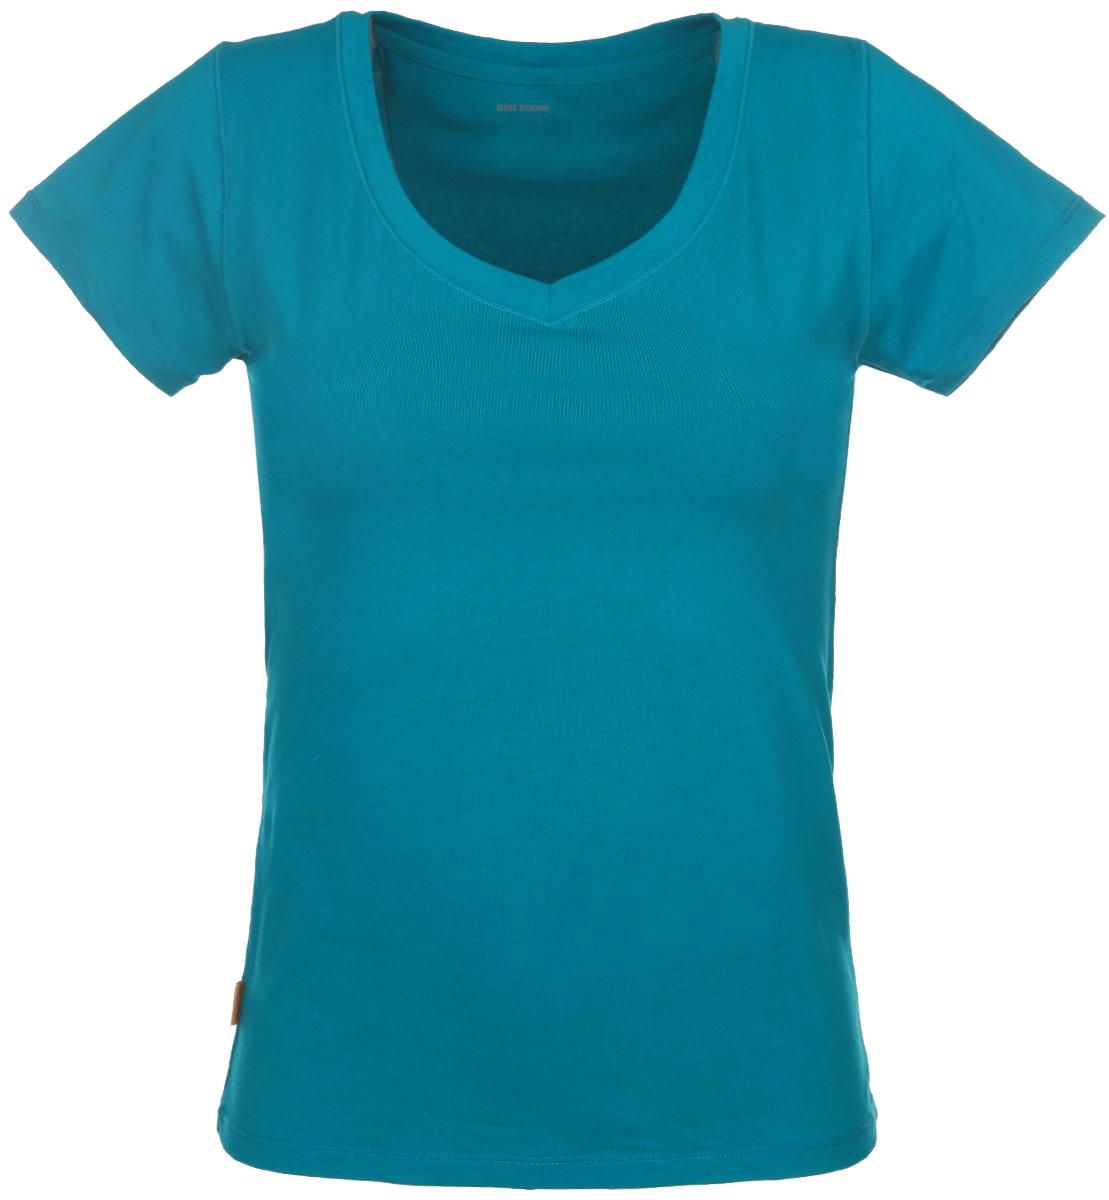 7047Женская футболка Alla Buone Liscio, выполненная из эластичного хлопка, идеально подойдет для повседневной носки. Материал изделия мягкий, тактильно приятный, не сковывает движения и позволяет коже дышать. Футболка с V-образным вырезом горловины и короткими рукавами имеет слегка приталенный силуэт. Вырез горловины оформлен мягкой окантовочной лентой. Изделие дополнено фирменным логотипом, вшитым в боковой шов. Такая модель будет дарить вам комфорт в течение всего дня и станет отличным дополнением к вашему гардеробу.